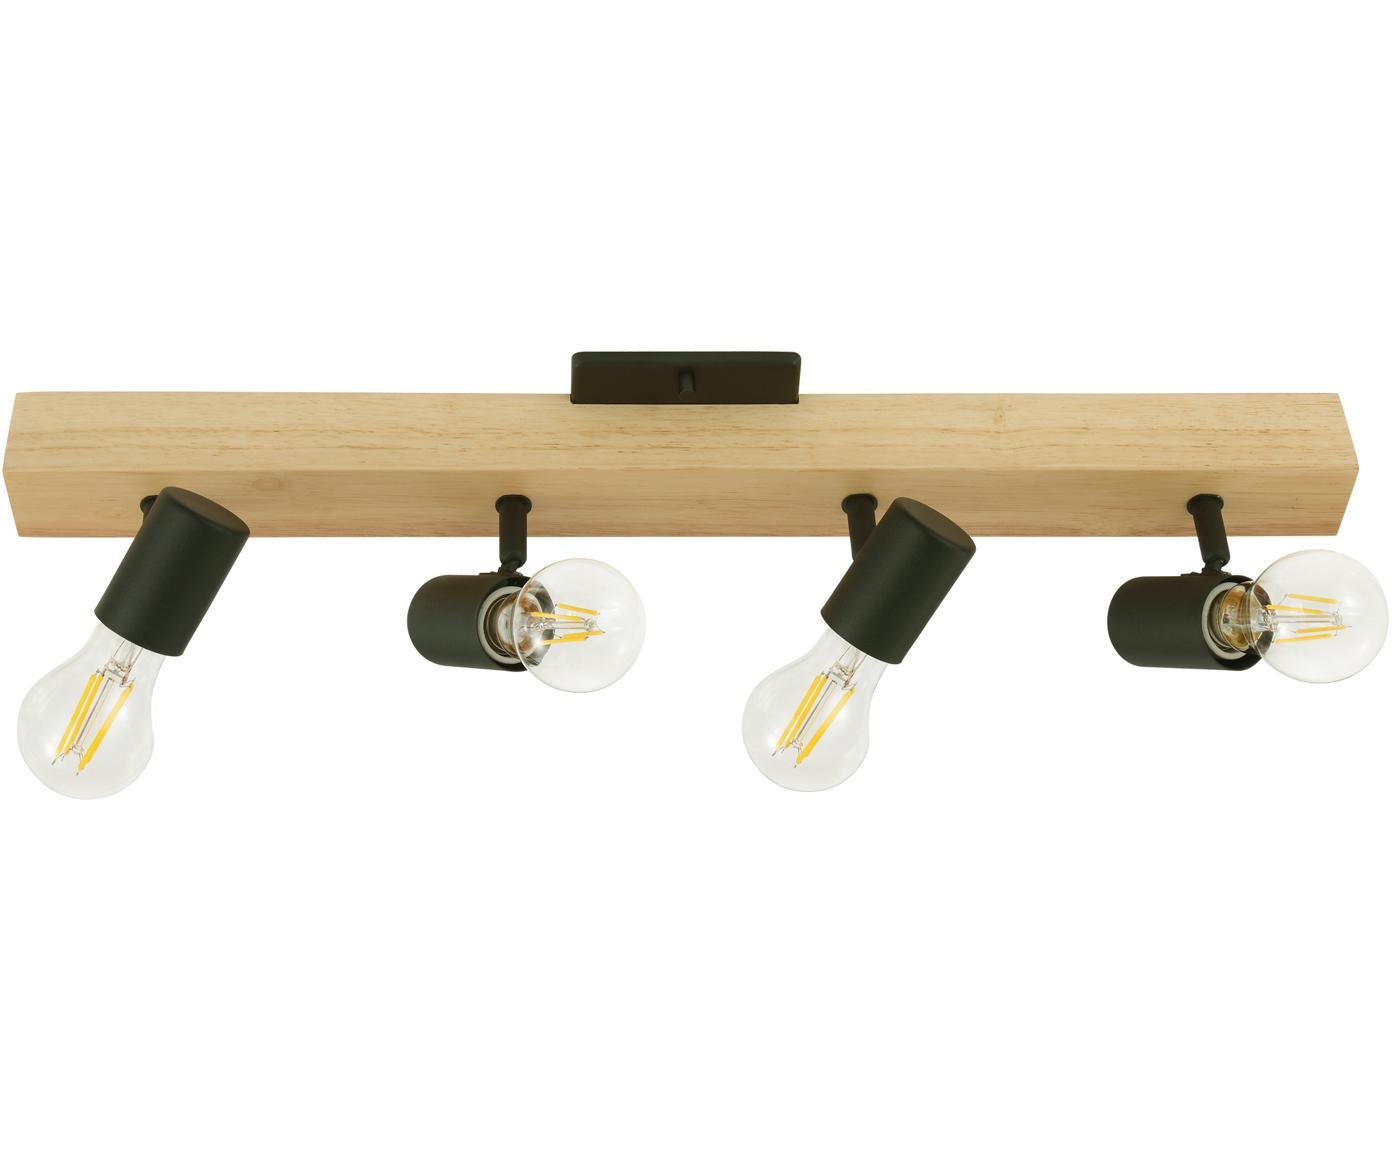 Lampa sufitowa Townshend, Czarny, drewno naturalne, S 63 x W 13 cm